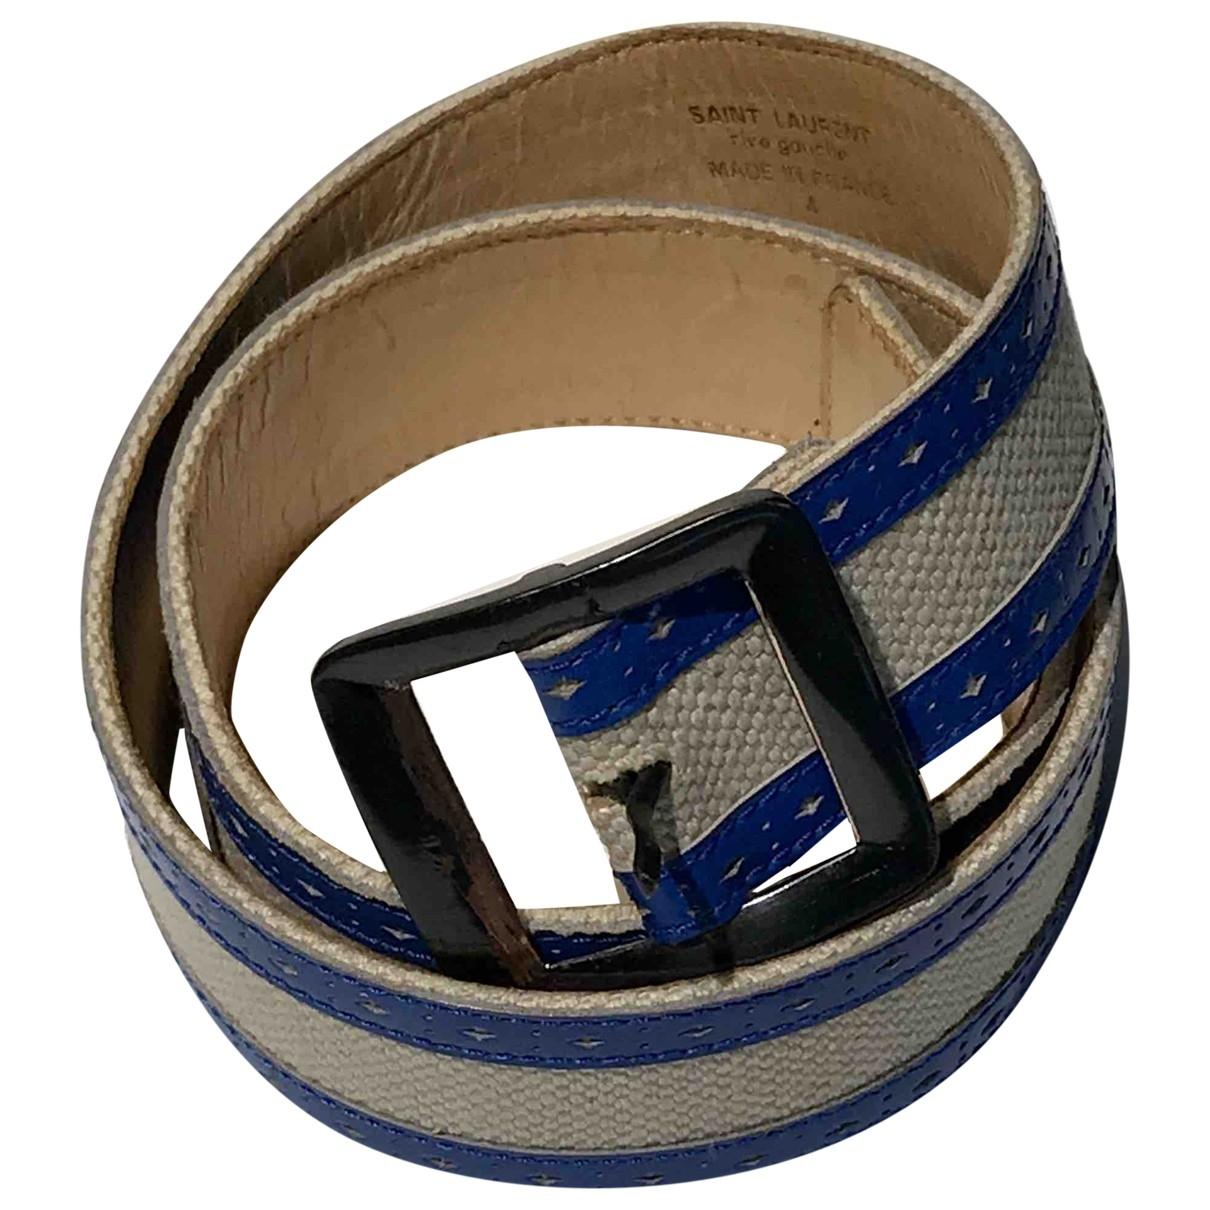 Cinturon de Lona Yves Saint Laurent